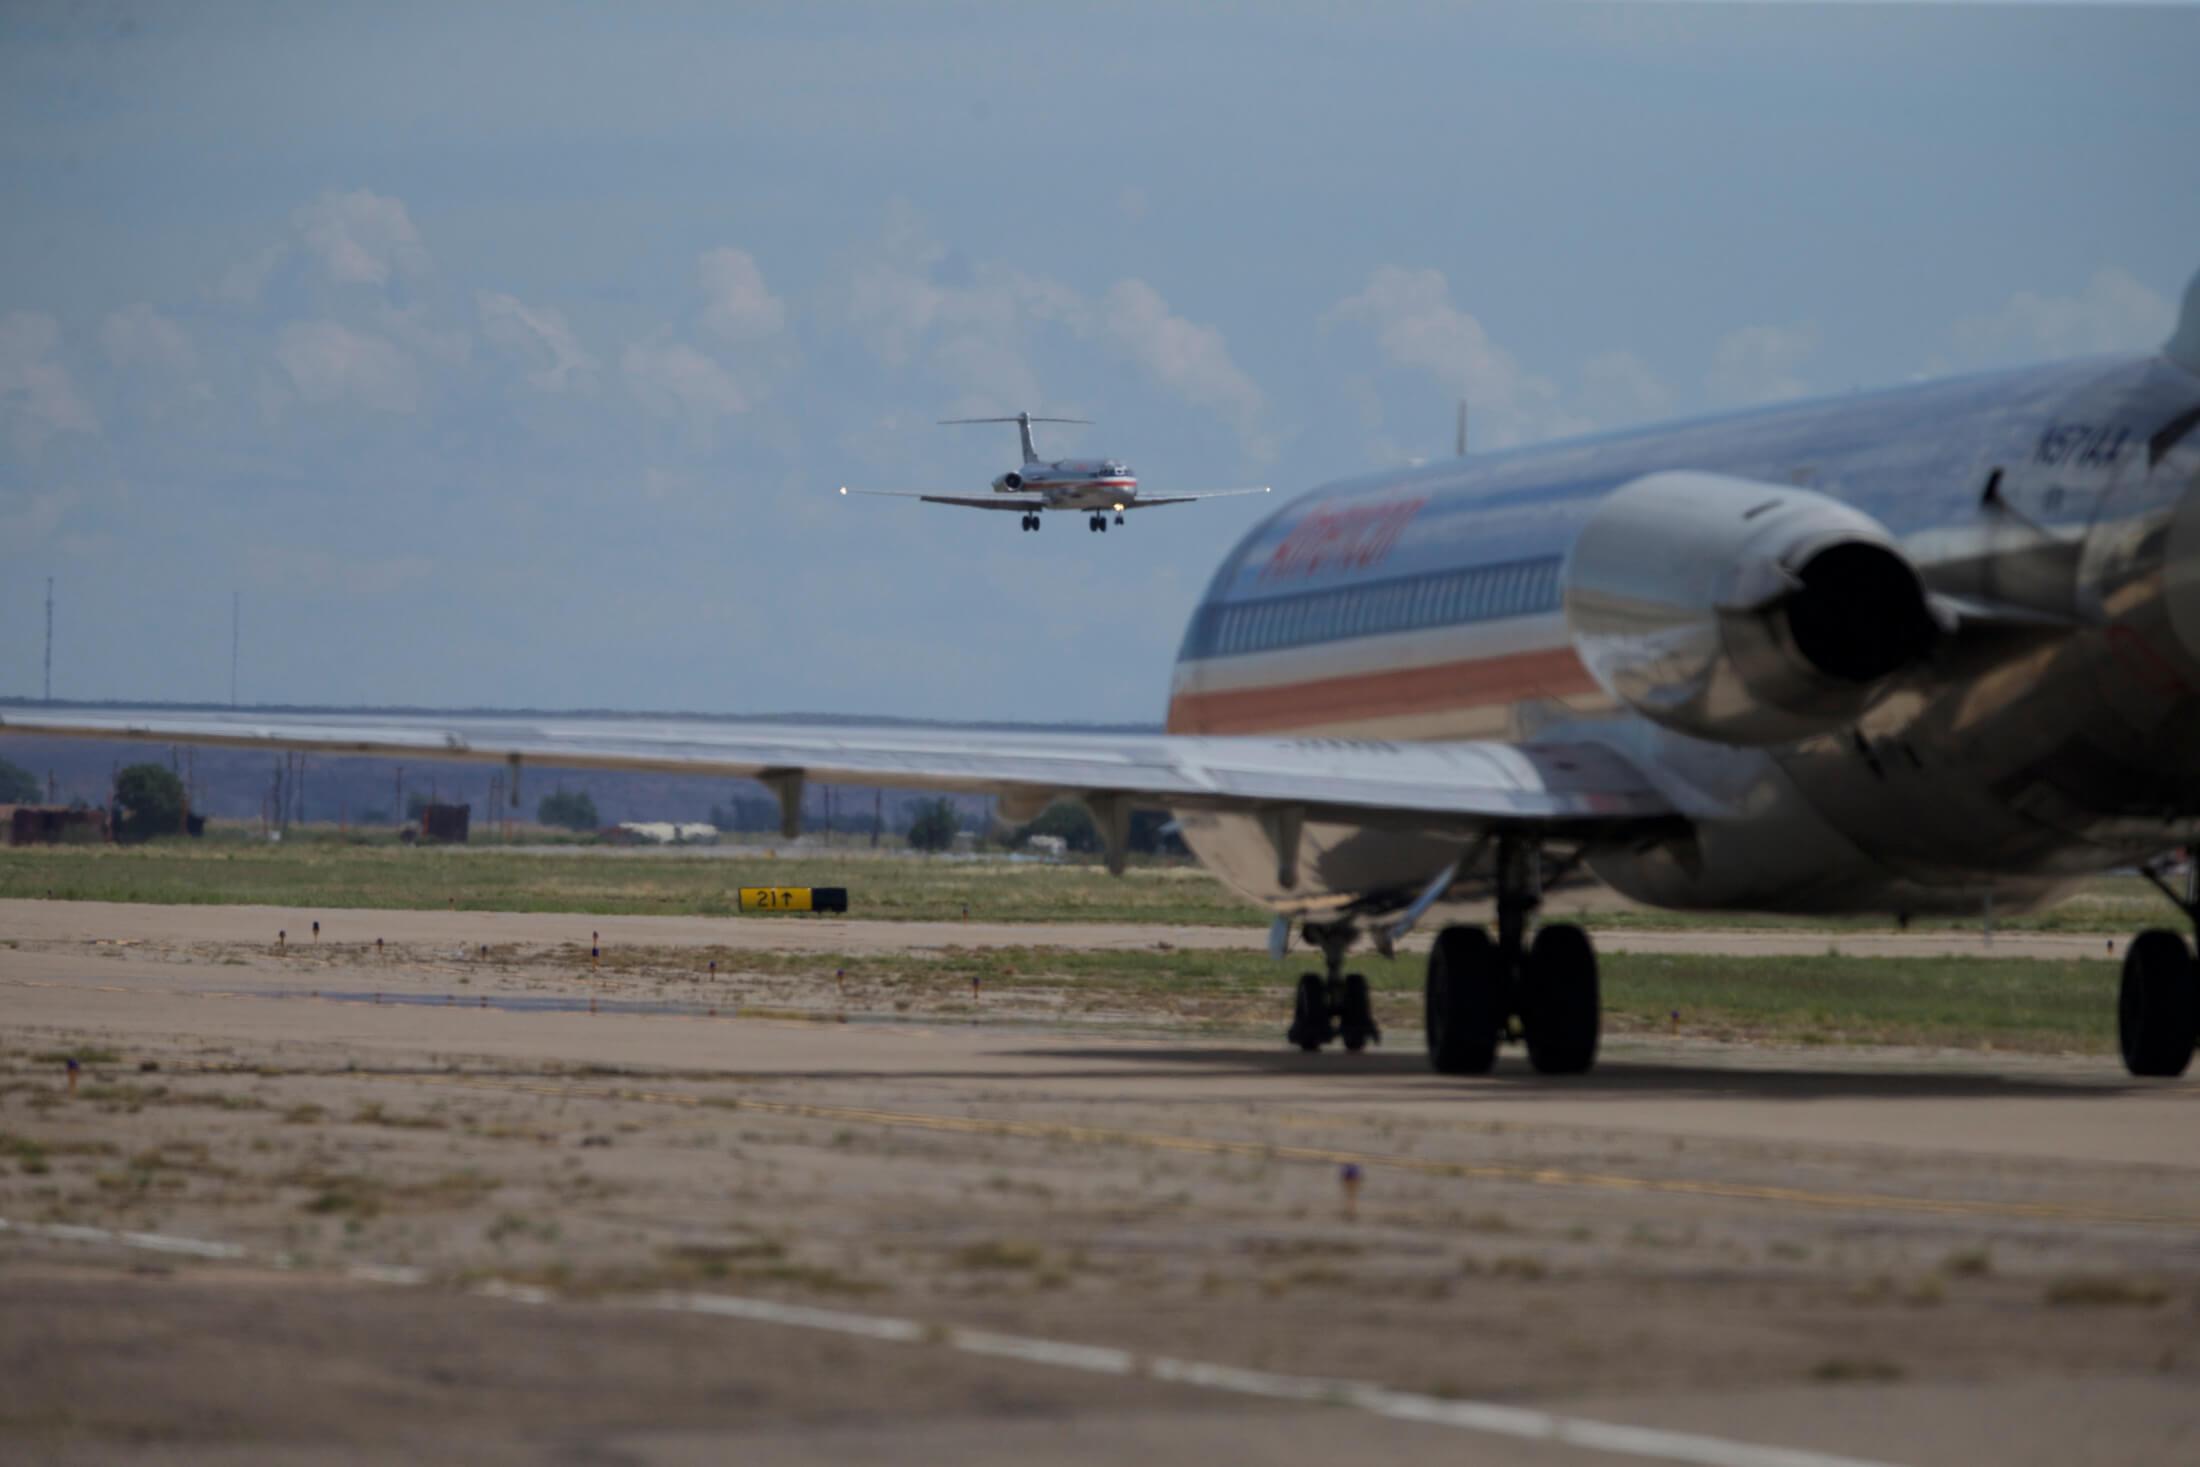 Efter at have fløjet millioner af passagerer gennem årene, har American Airlines nu pensioneret sin sidste MD-80'er. Pressefoto fra American Airlines.